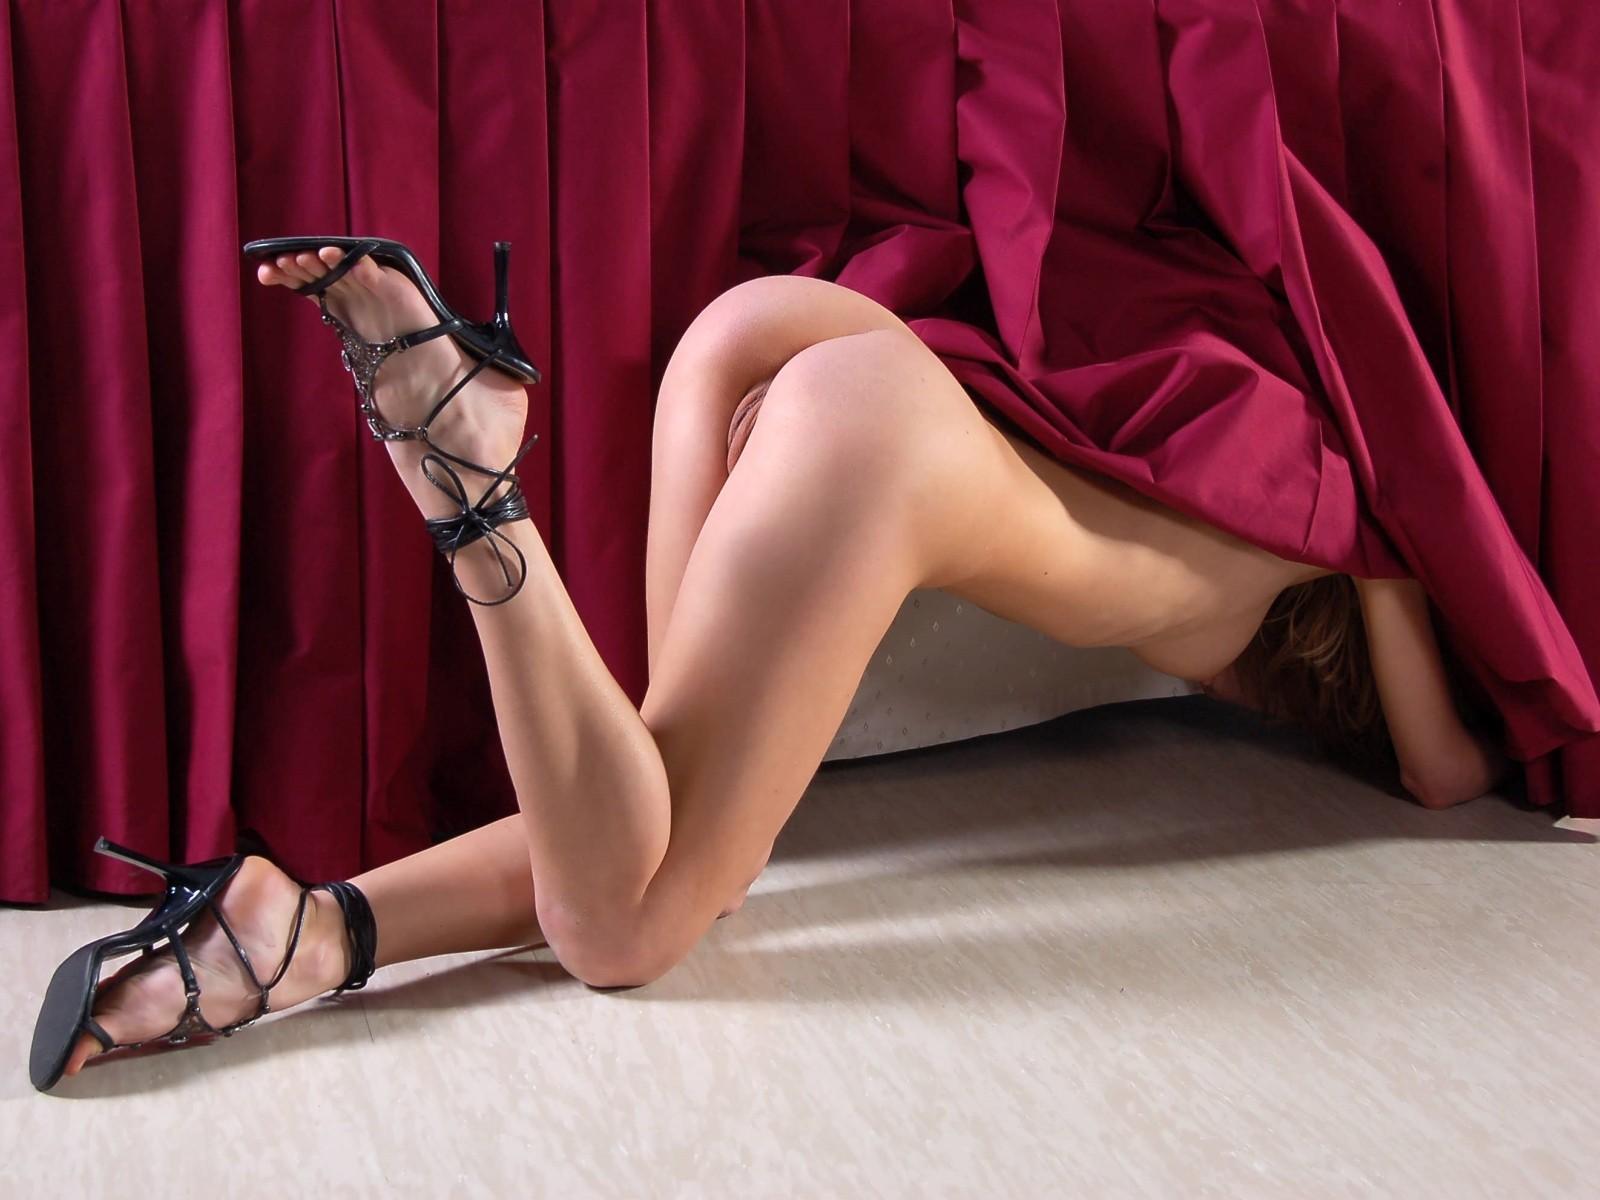 Фото ступней женщин эротика, Это фут фетиш -галерей. Смотреть порно фото 1 фотография